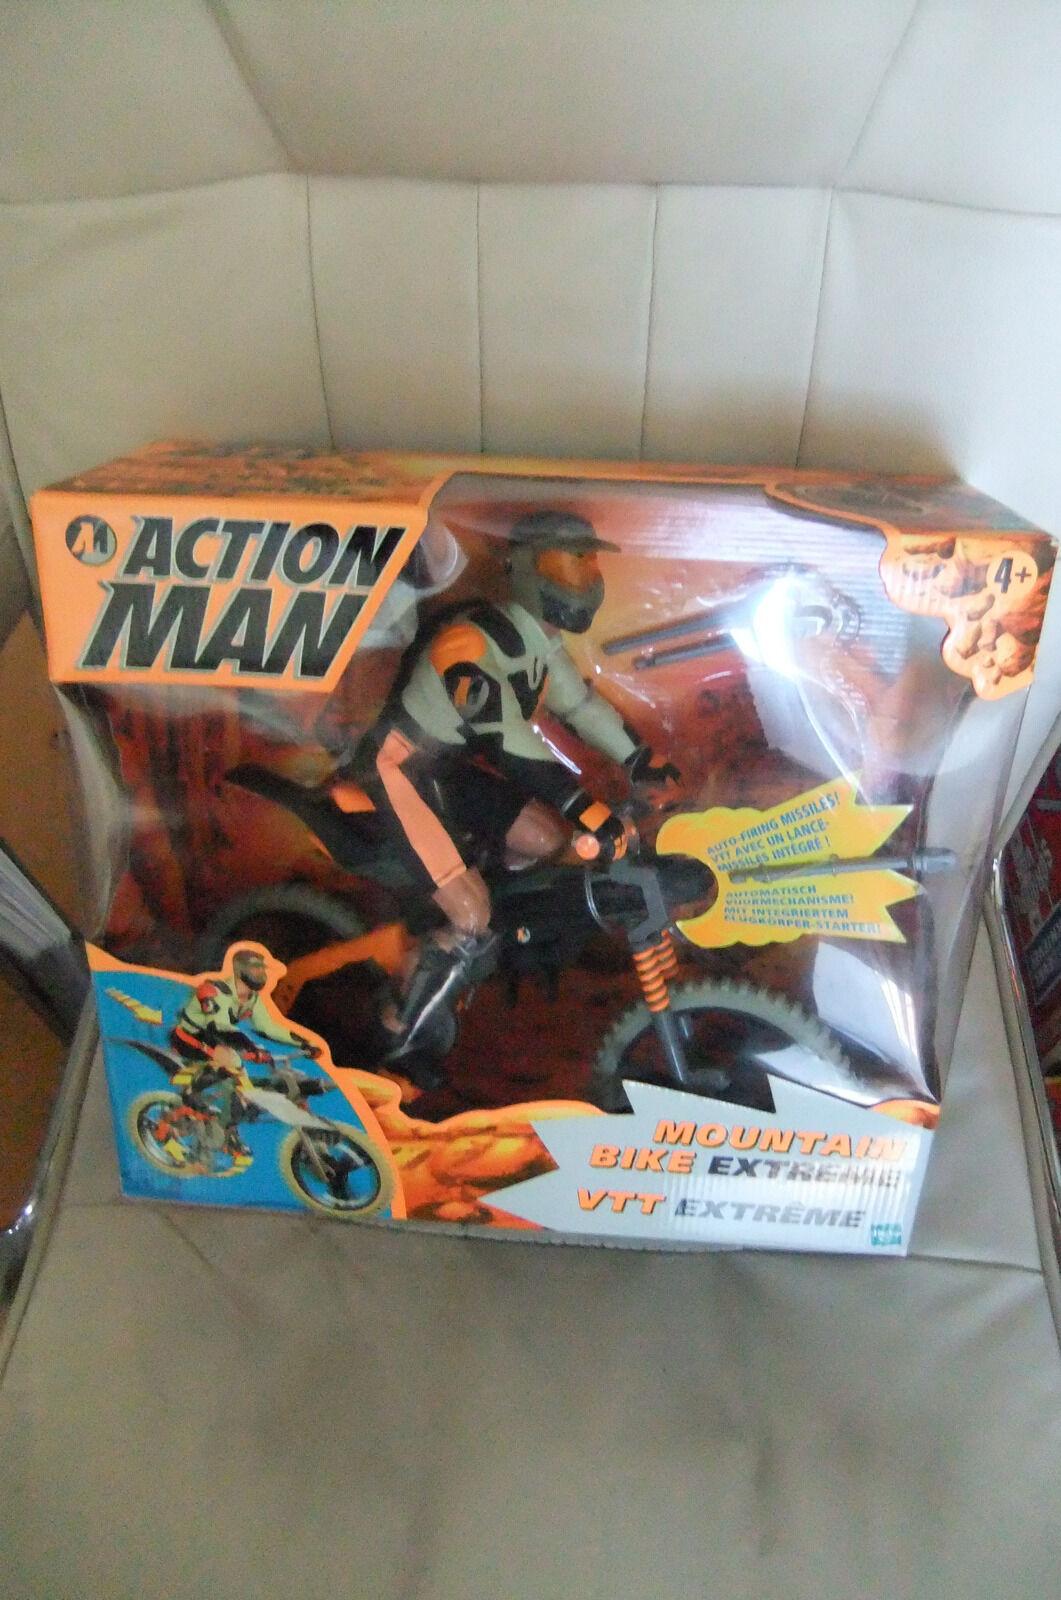 1998 mib wichtigste moc gi joe action team mann mountain bike extreme hasbro